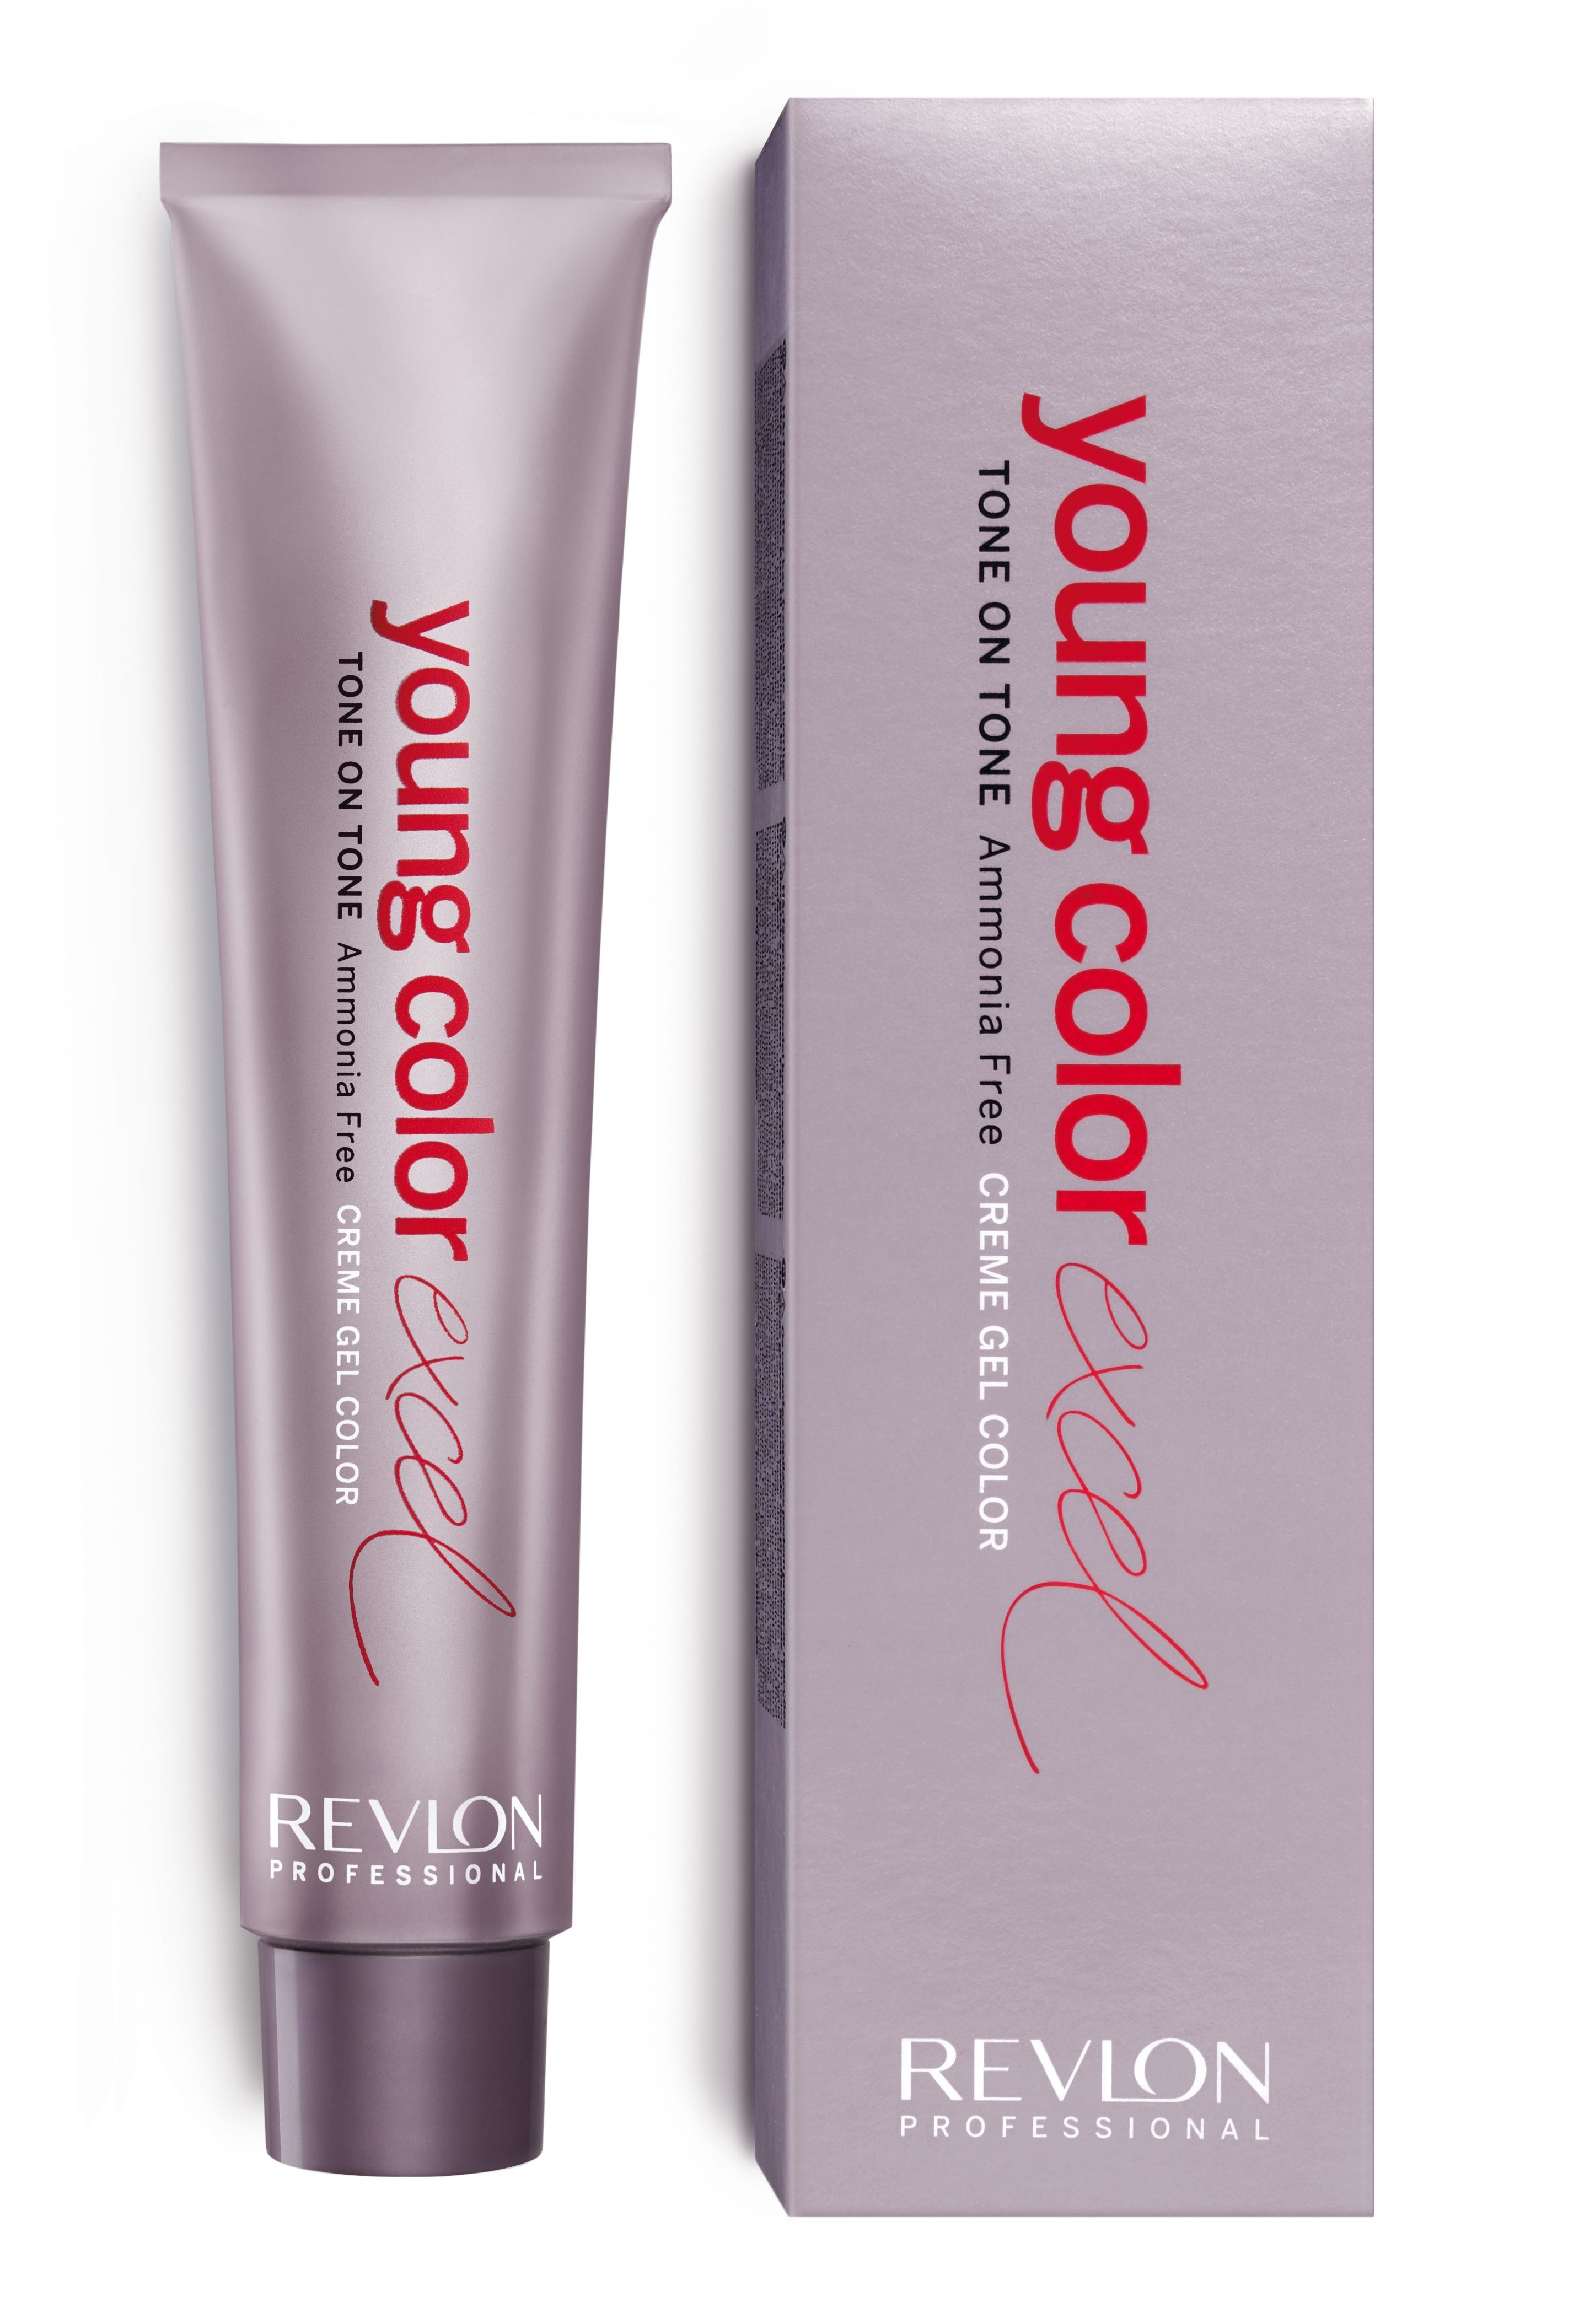 REVLON PROFESSIONAL 6-3 крем-гель полуперманентный, светлый золотисто-ореховый /COLOR EXCEL 70 мл фото